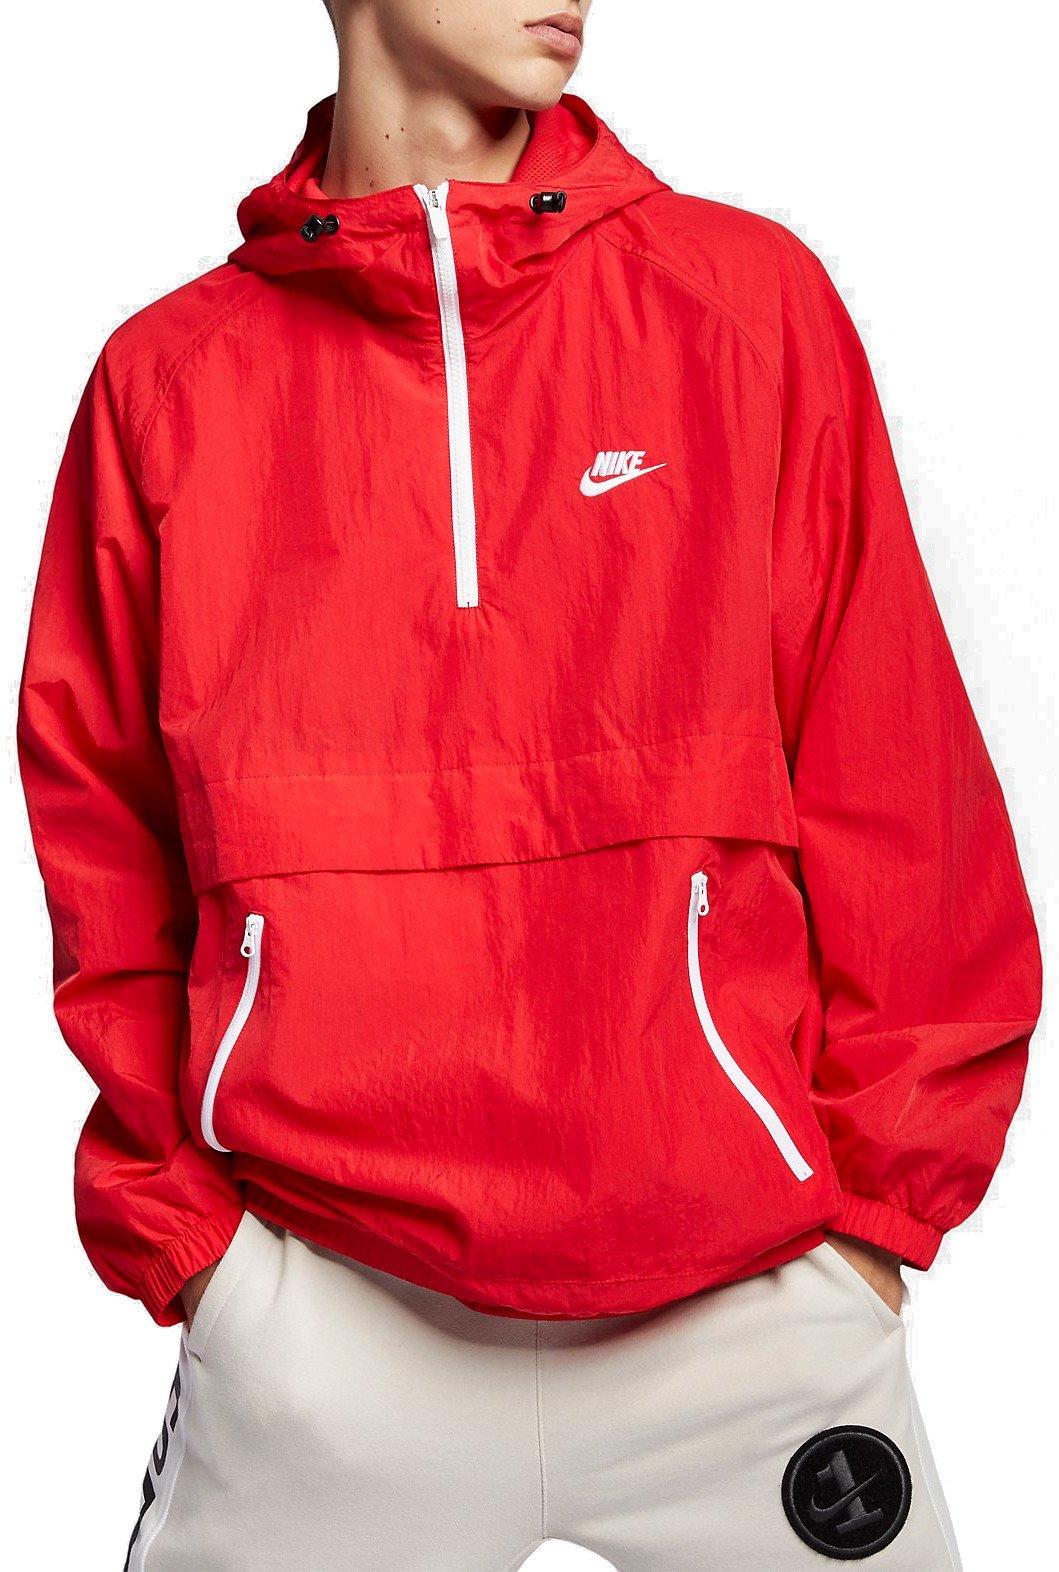 melón escolta auricular  Hooded jacket Nike M NSW CE JKT HD WVN ANRK - Top4Running.com